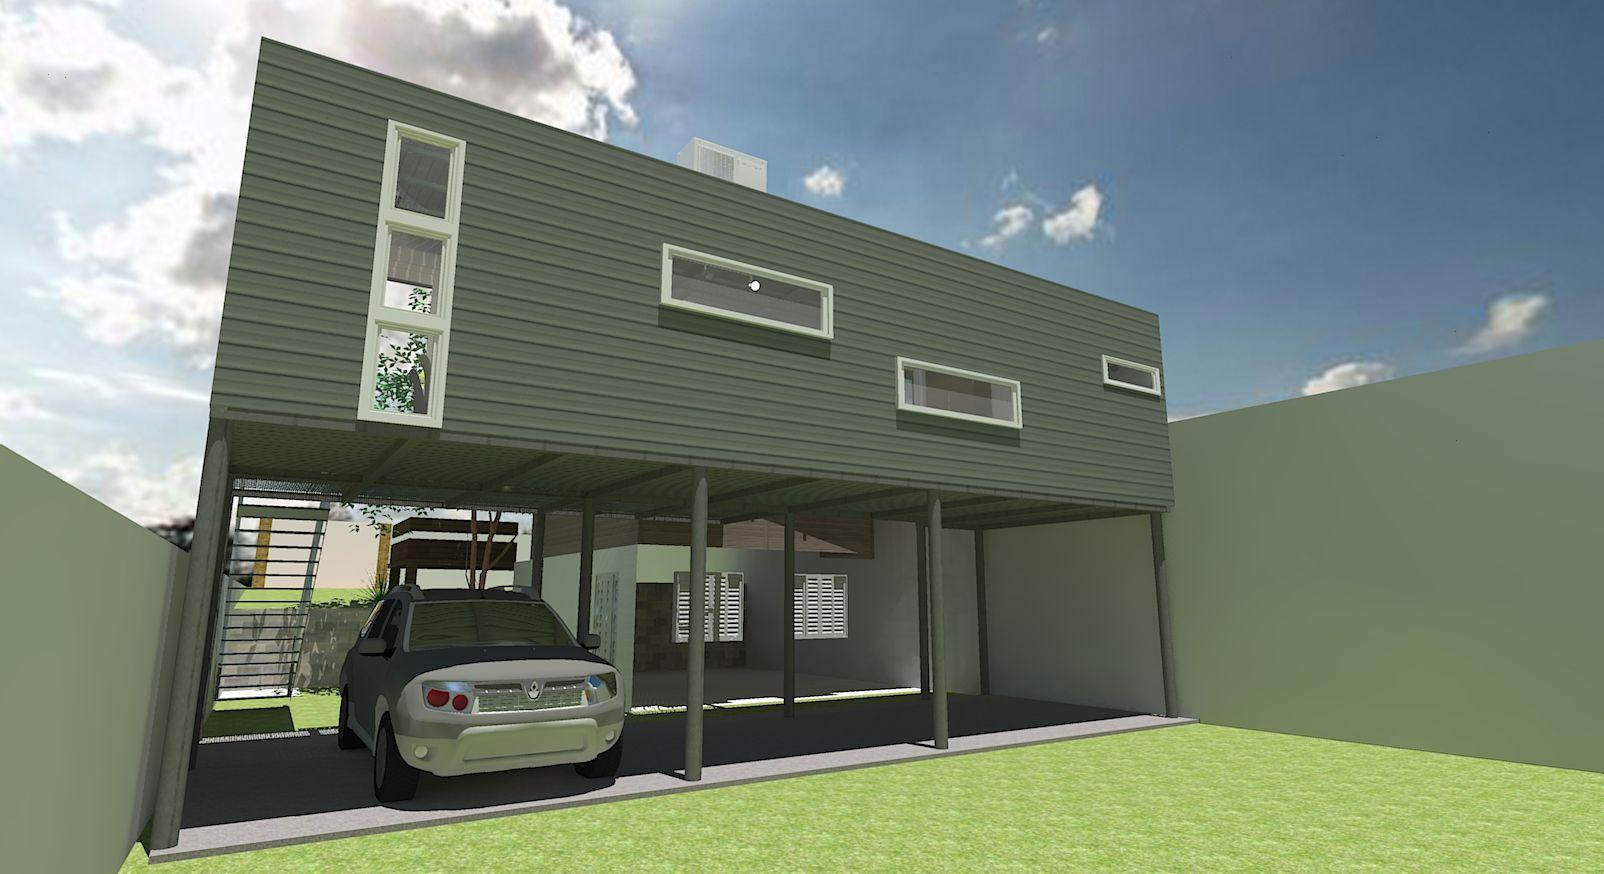 17 migliori idee su Projeto Casa Container su Pinterest Perguntas e  #798F3C 1604 874